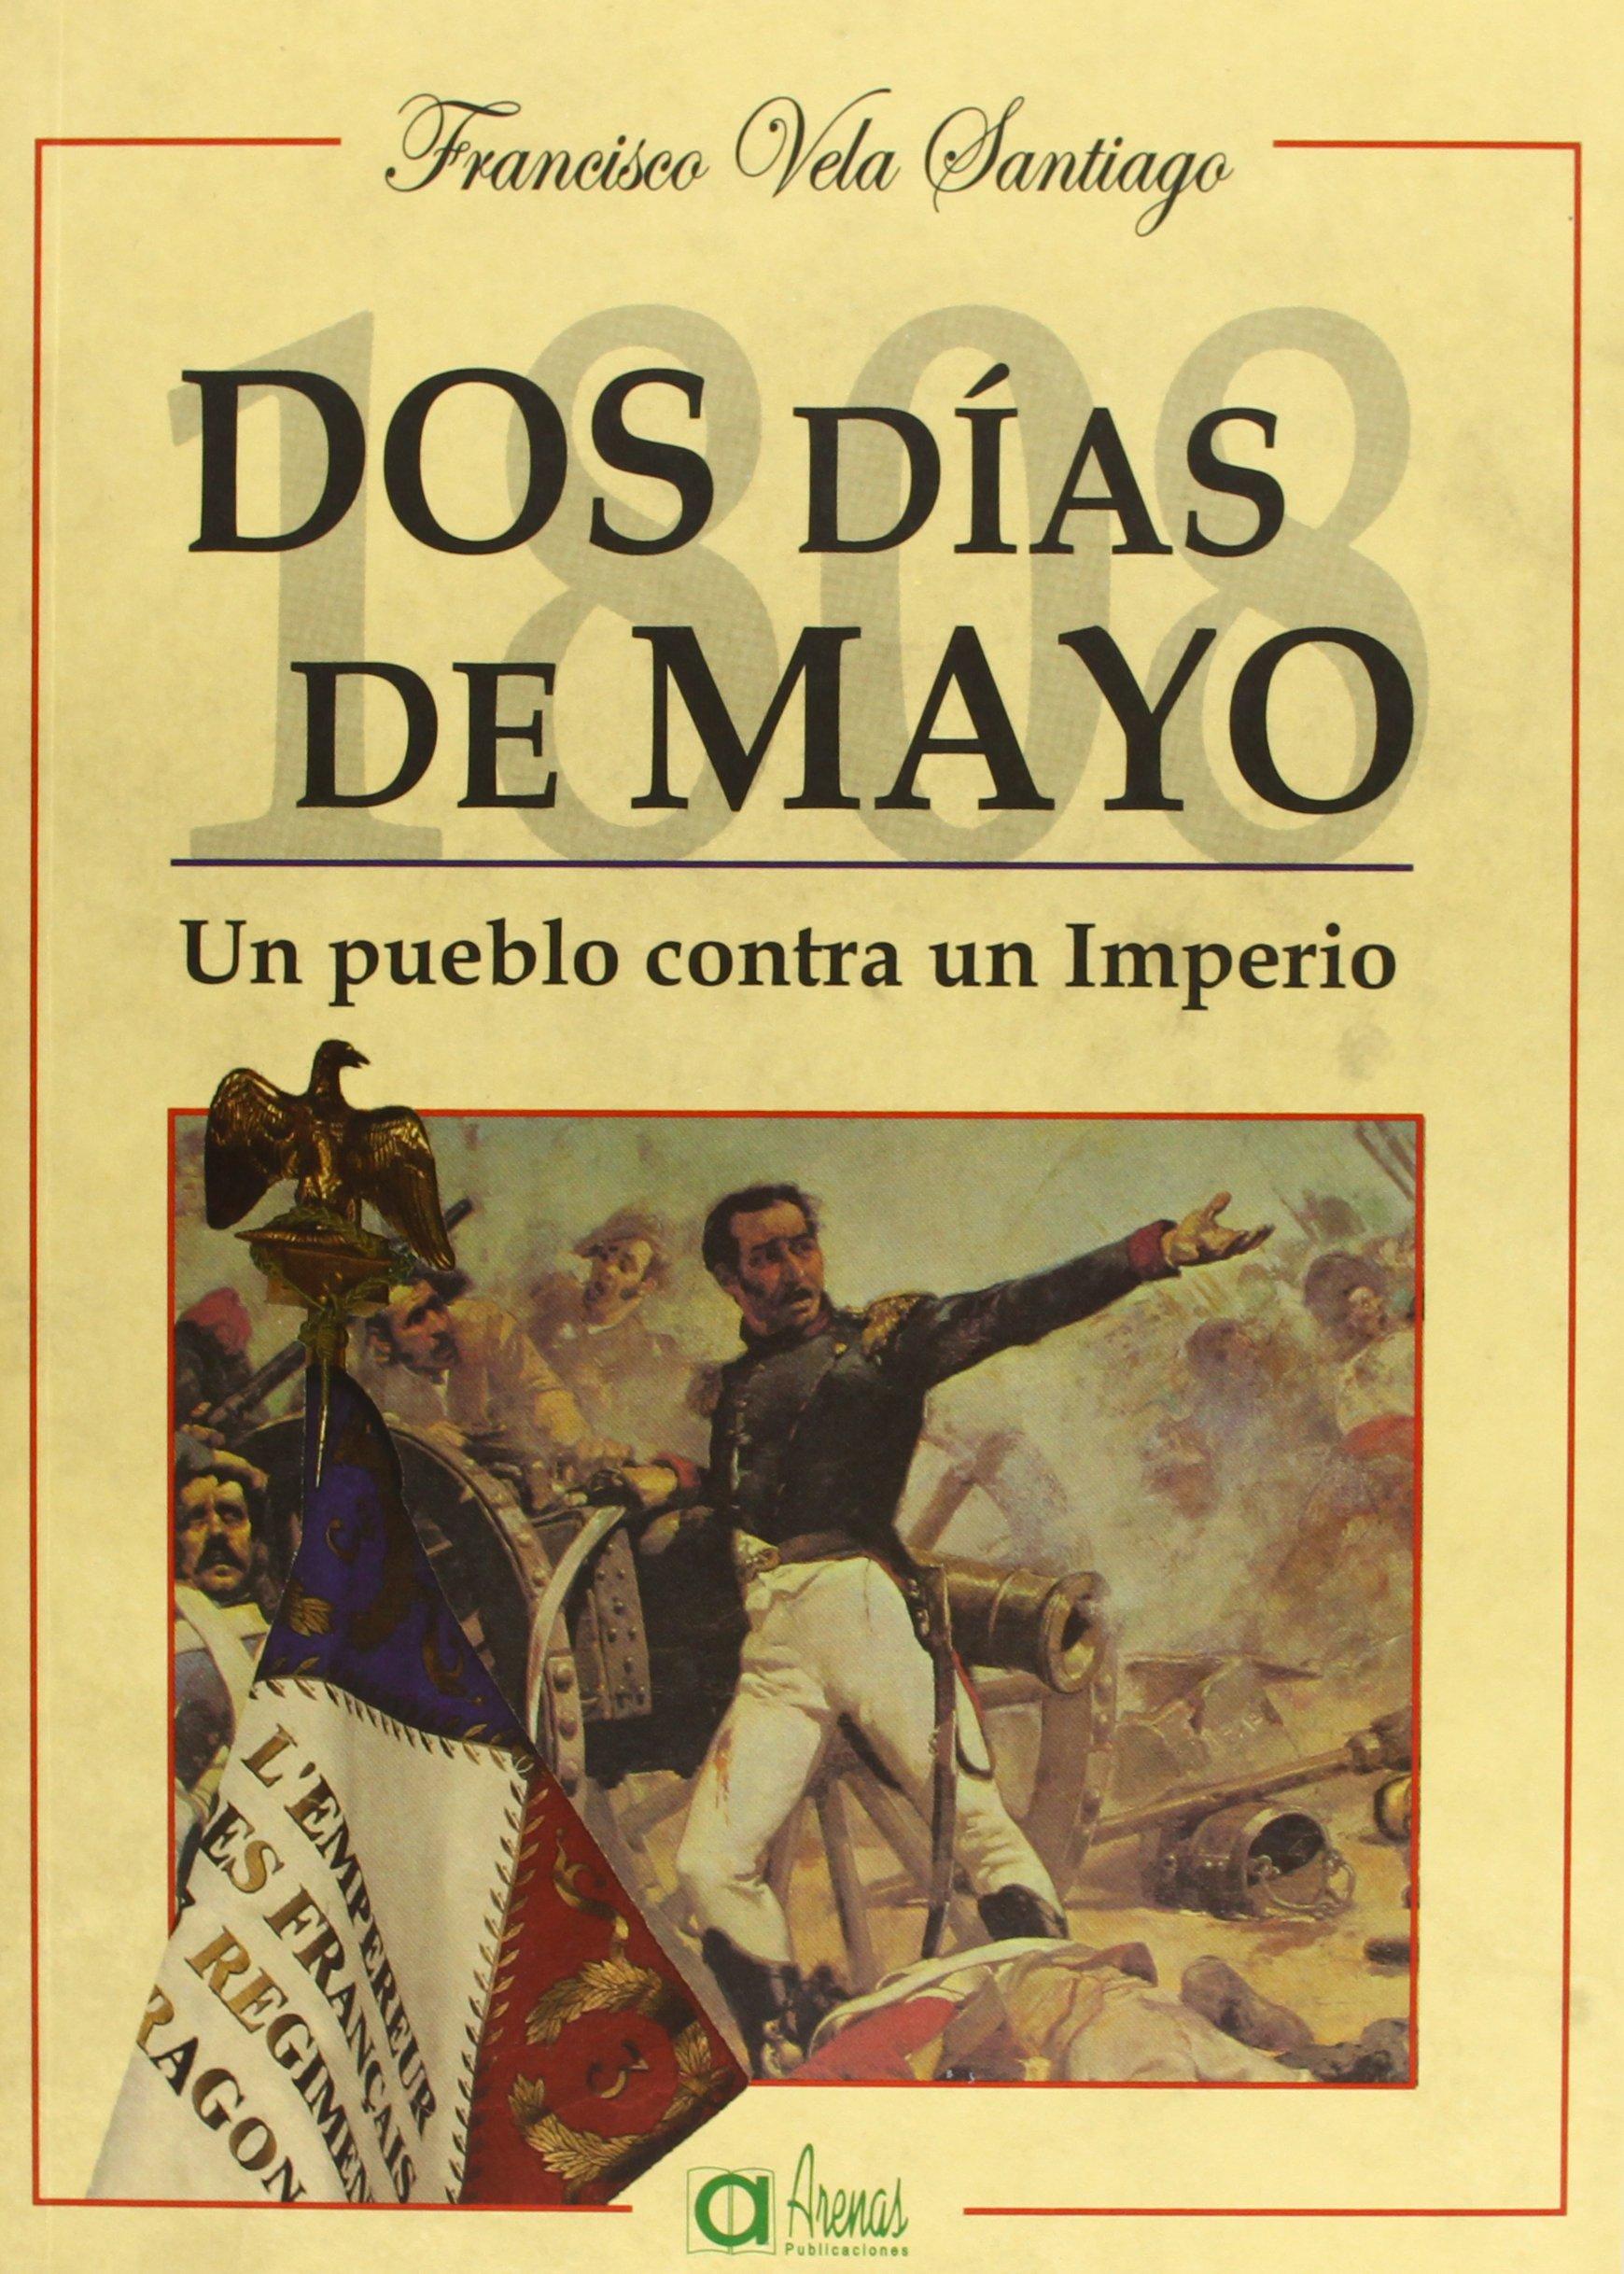 DOS DÍAS DE MAYO. UN PUEBLO CONTRA UN IMPERIO - Francisco Vela Santiago